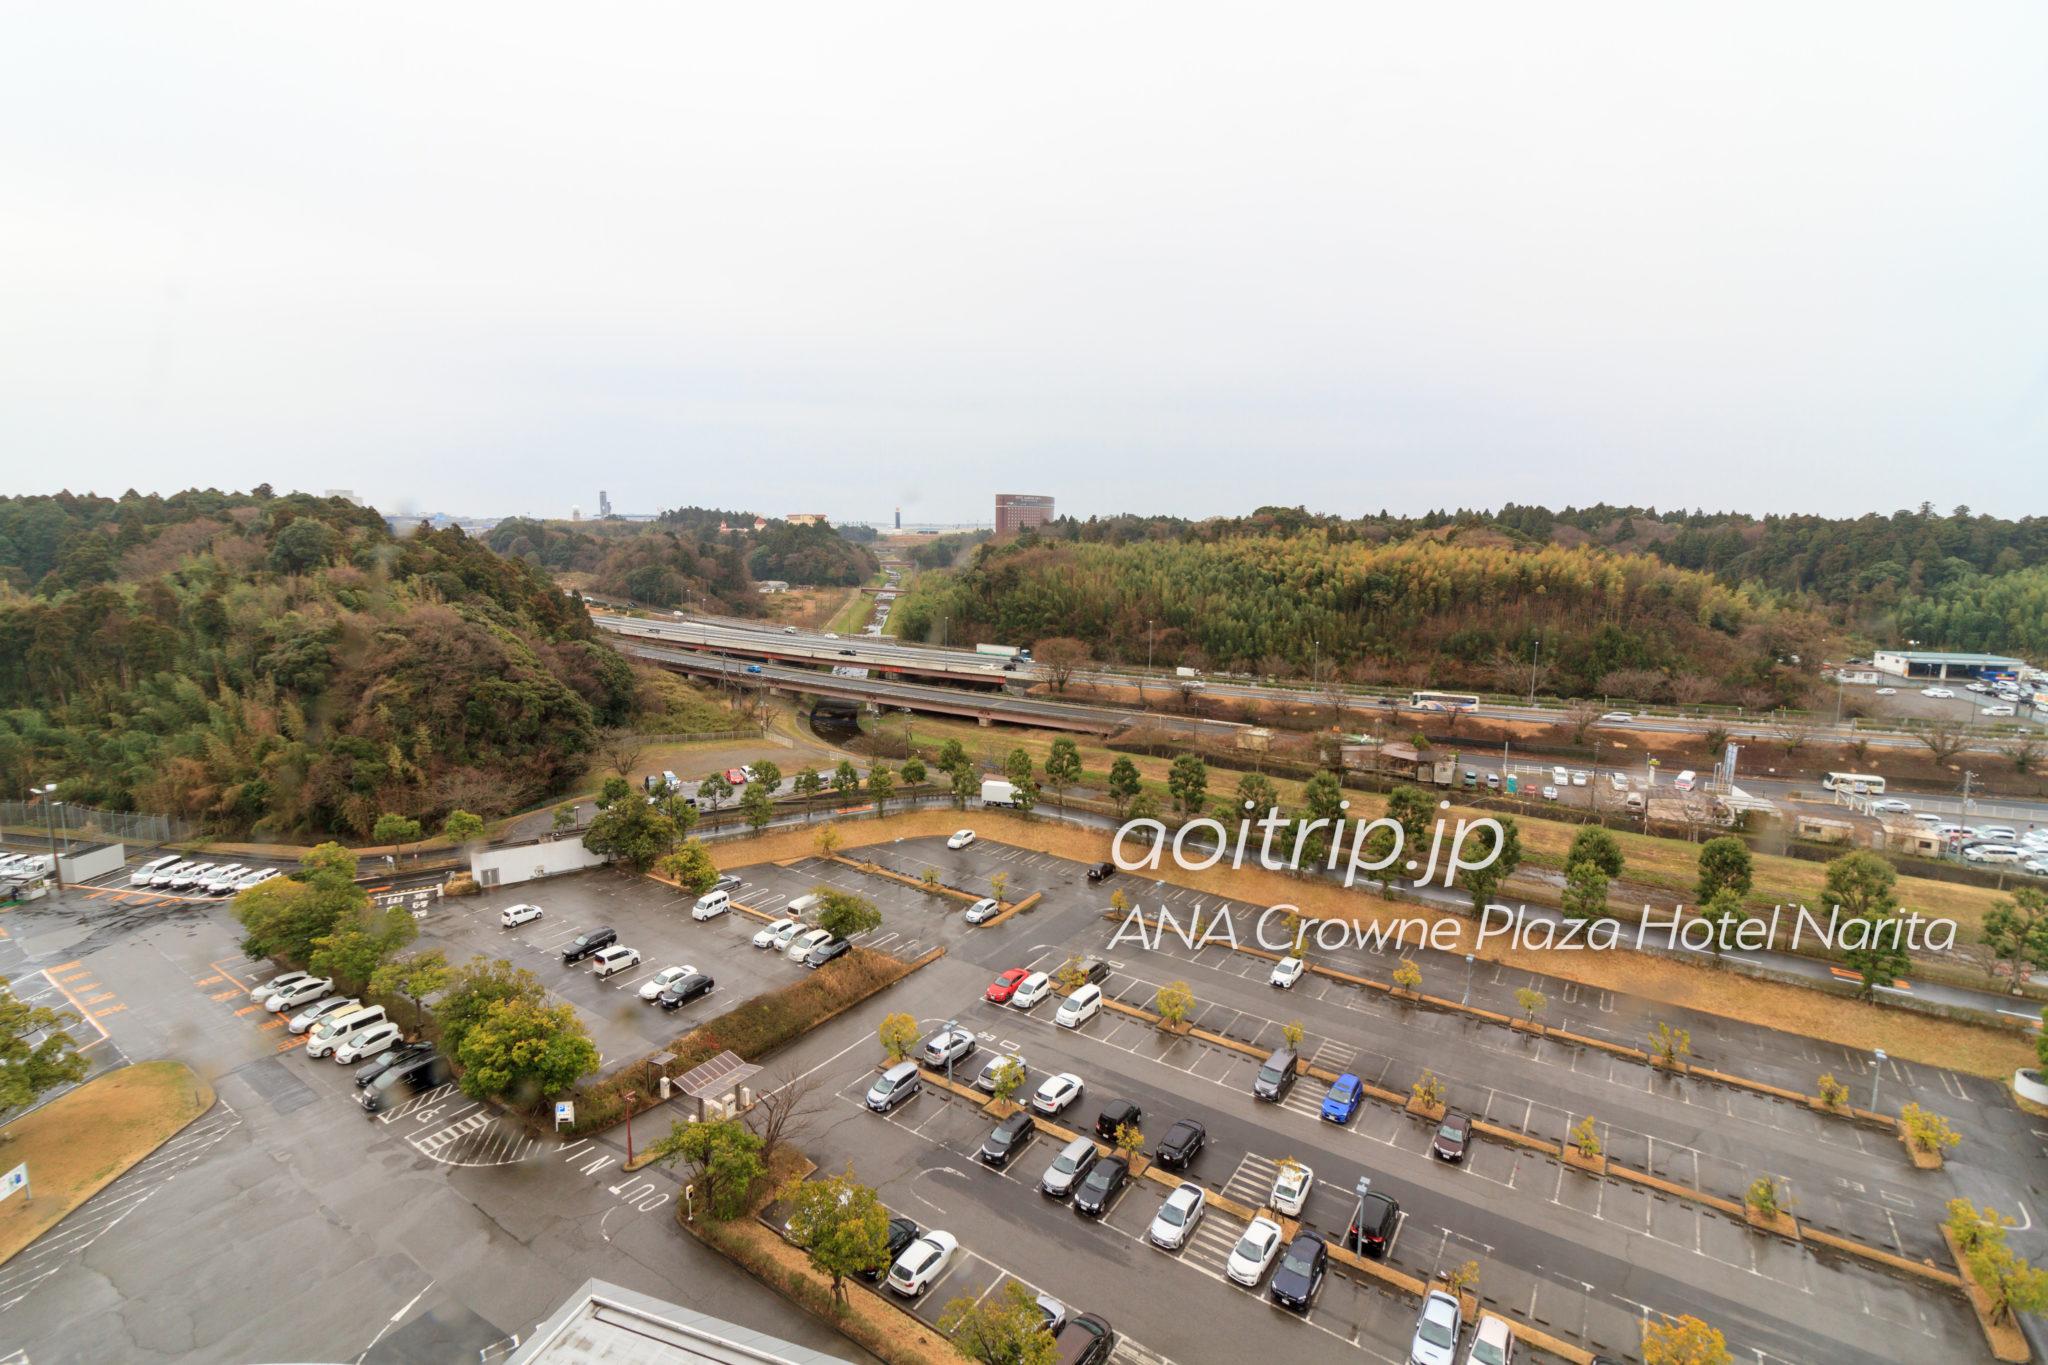 ANAクラウンプラザホテル成田の11階からの眺望